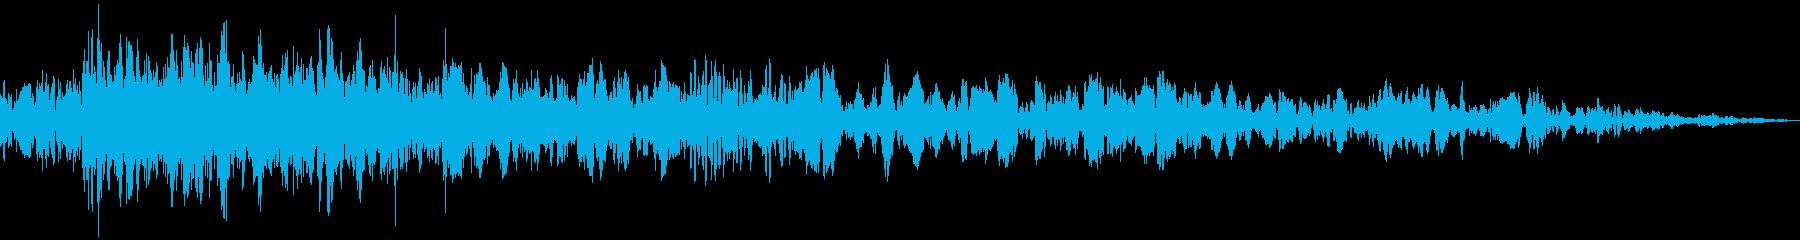 砕け散る音03の再生済みの波形